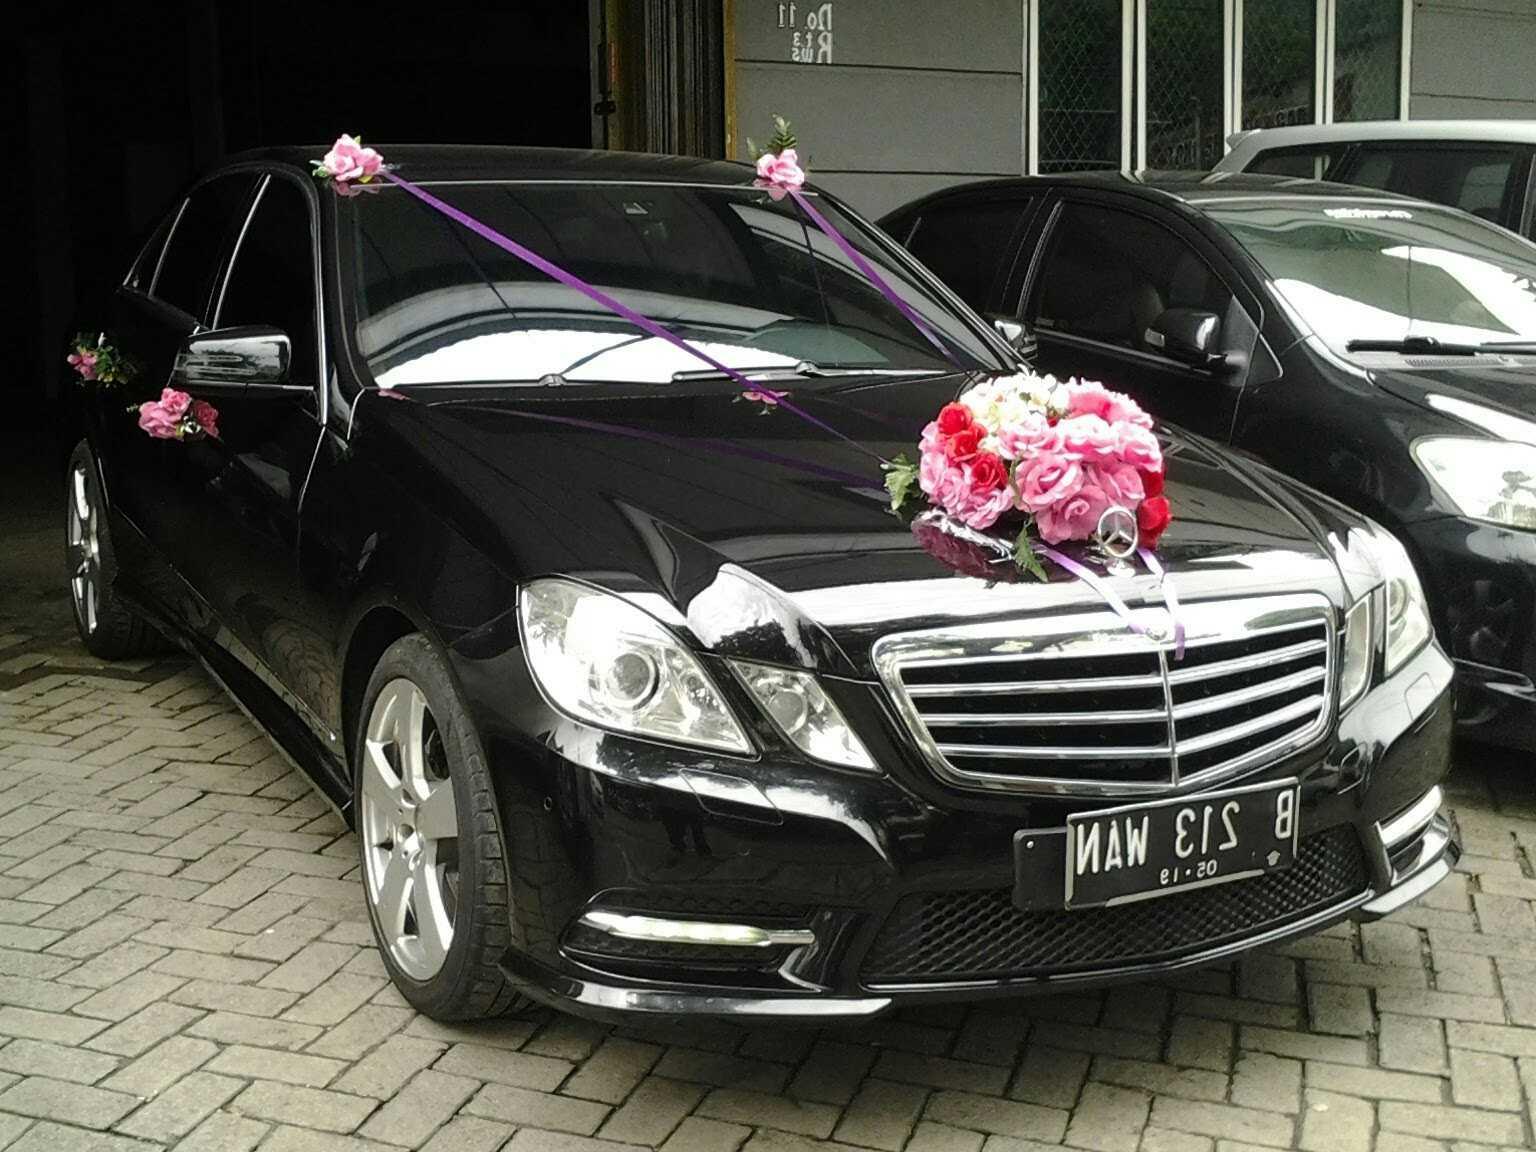 RENTAL MOBIL MERCEDES BENZ E 250, sewa mobil mercedes benz, rental mercy e 250, sewa mercy e 250, rental mobil mewah, wedding car, sewa mobil pengantin